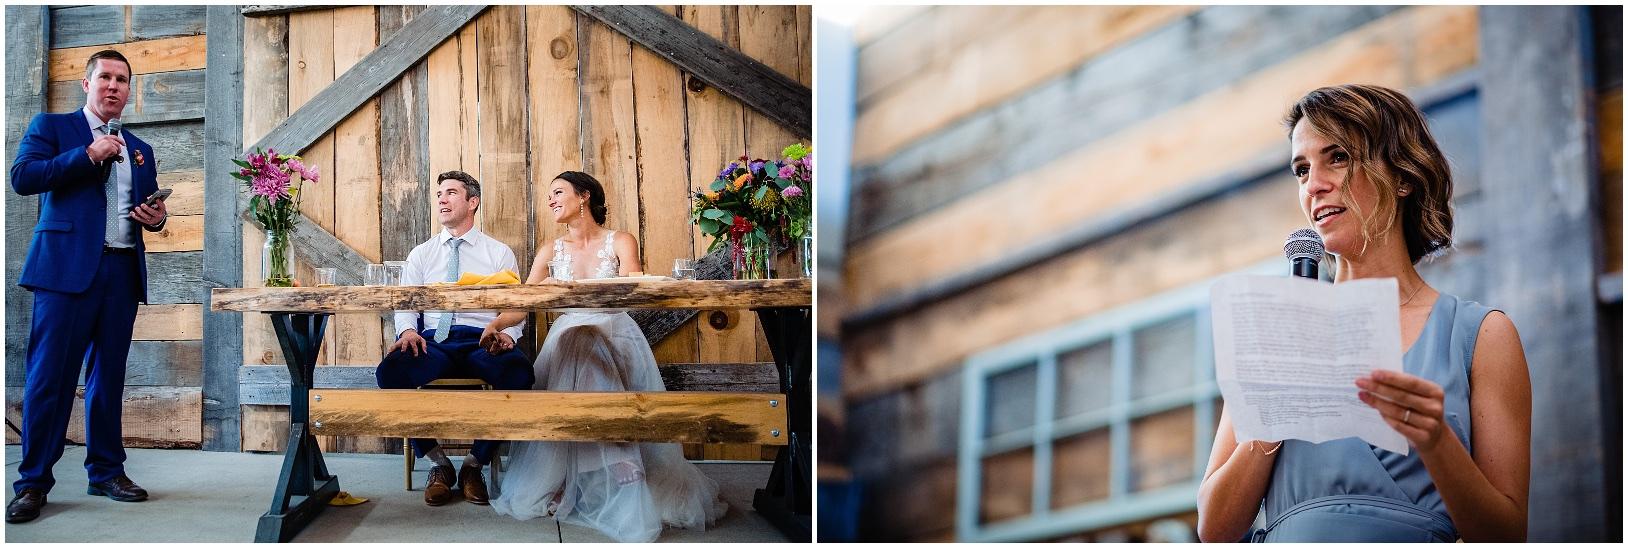 lindseyjane_weddings0105.jpg